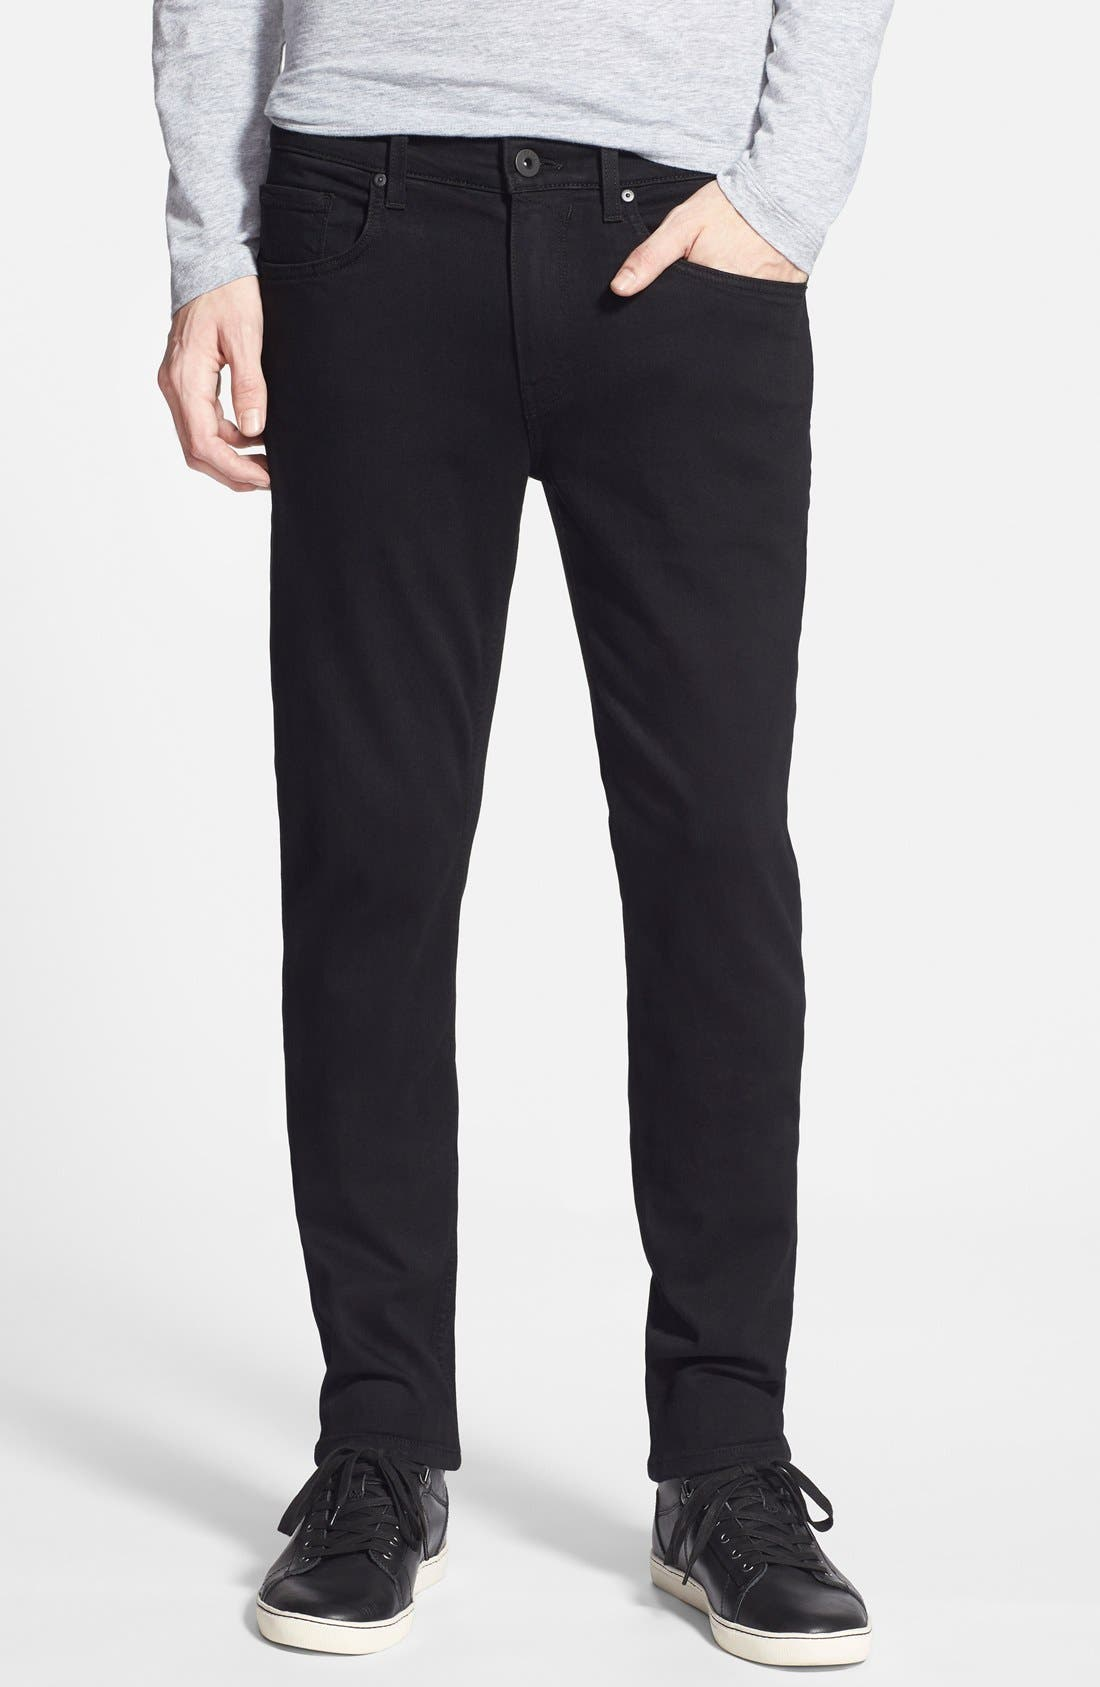 Transcend - Lennox XL Slim Fit Jeans,                             Main thumbnail 1, color,                             BLACK